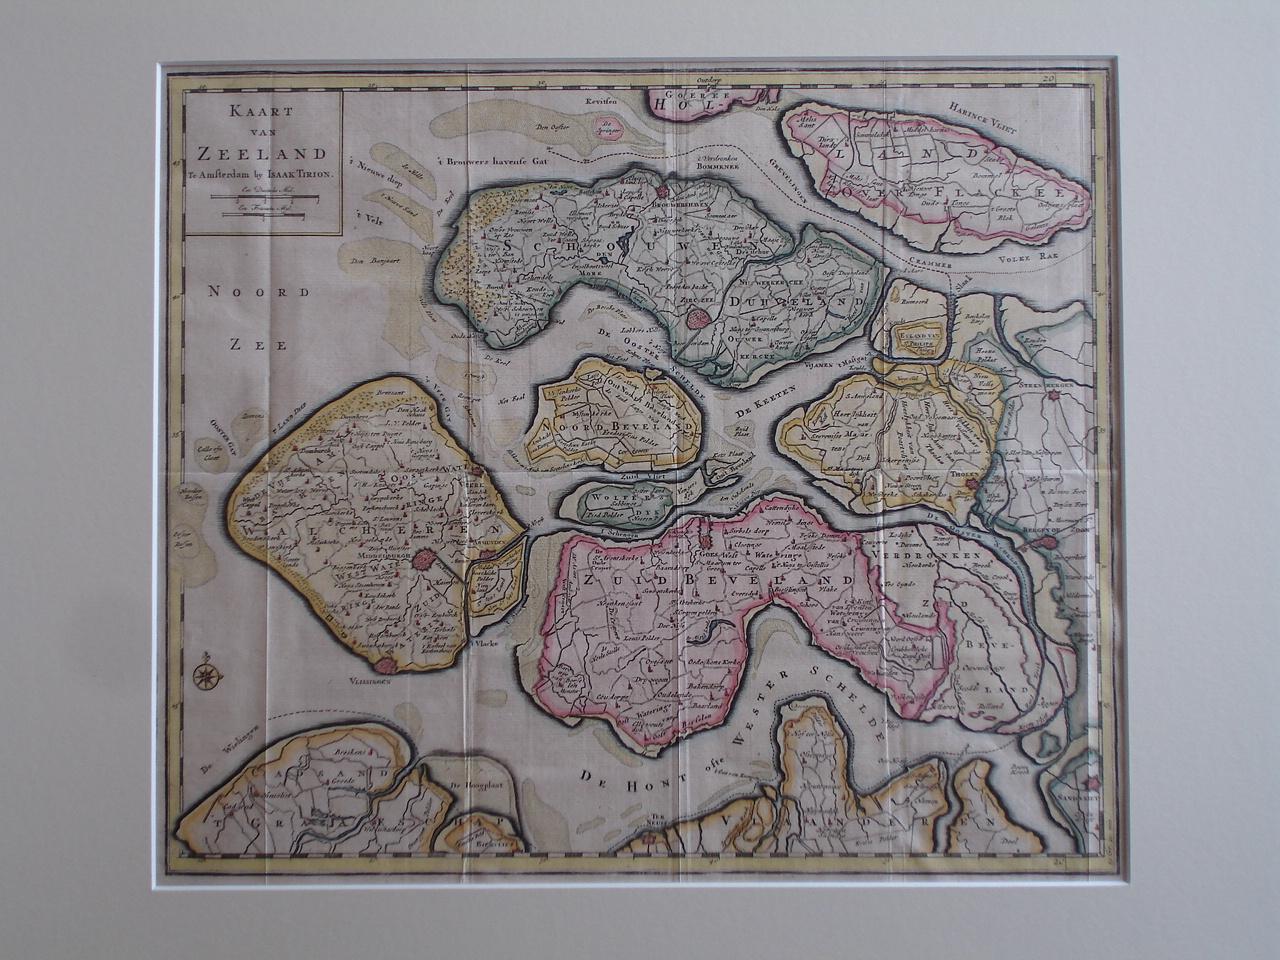 ZEELAND.. - Kaart van Zeeland.